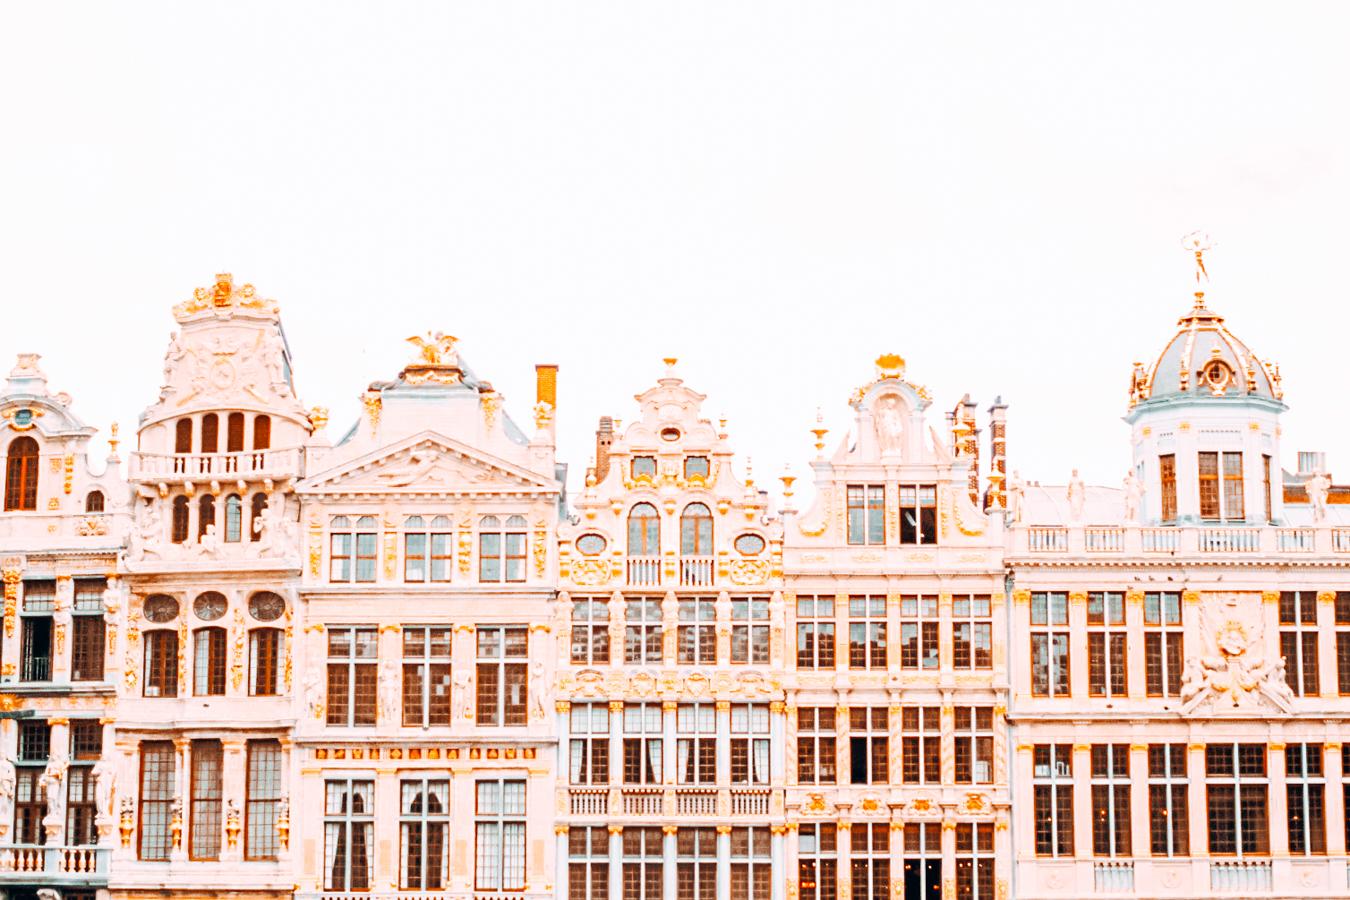 Buildings in Brussels